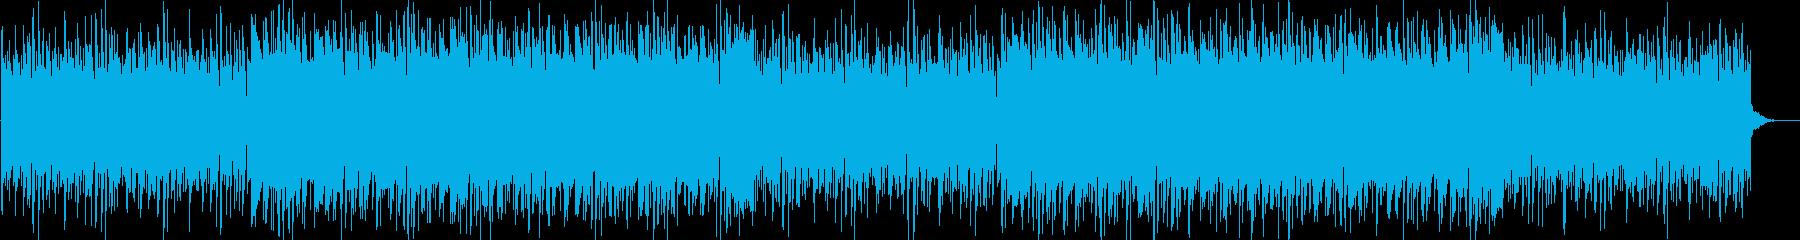 クールなドラムンベースの再生済みの波形